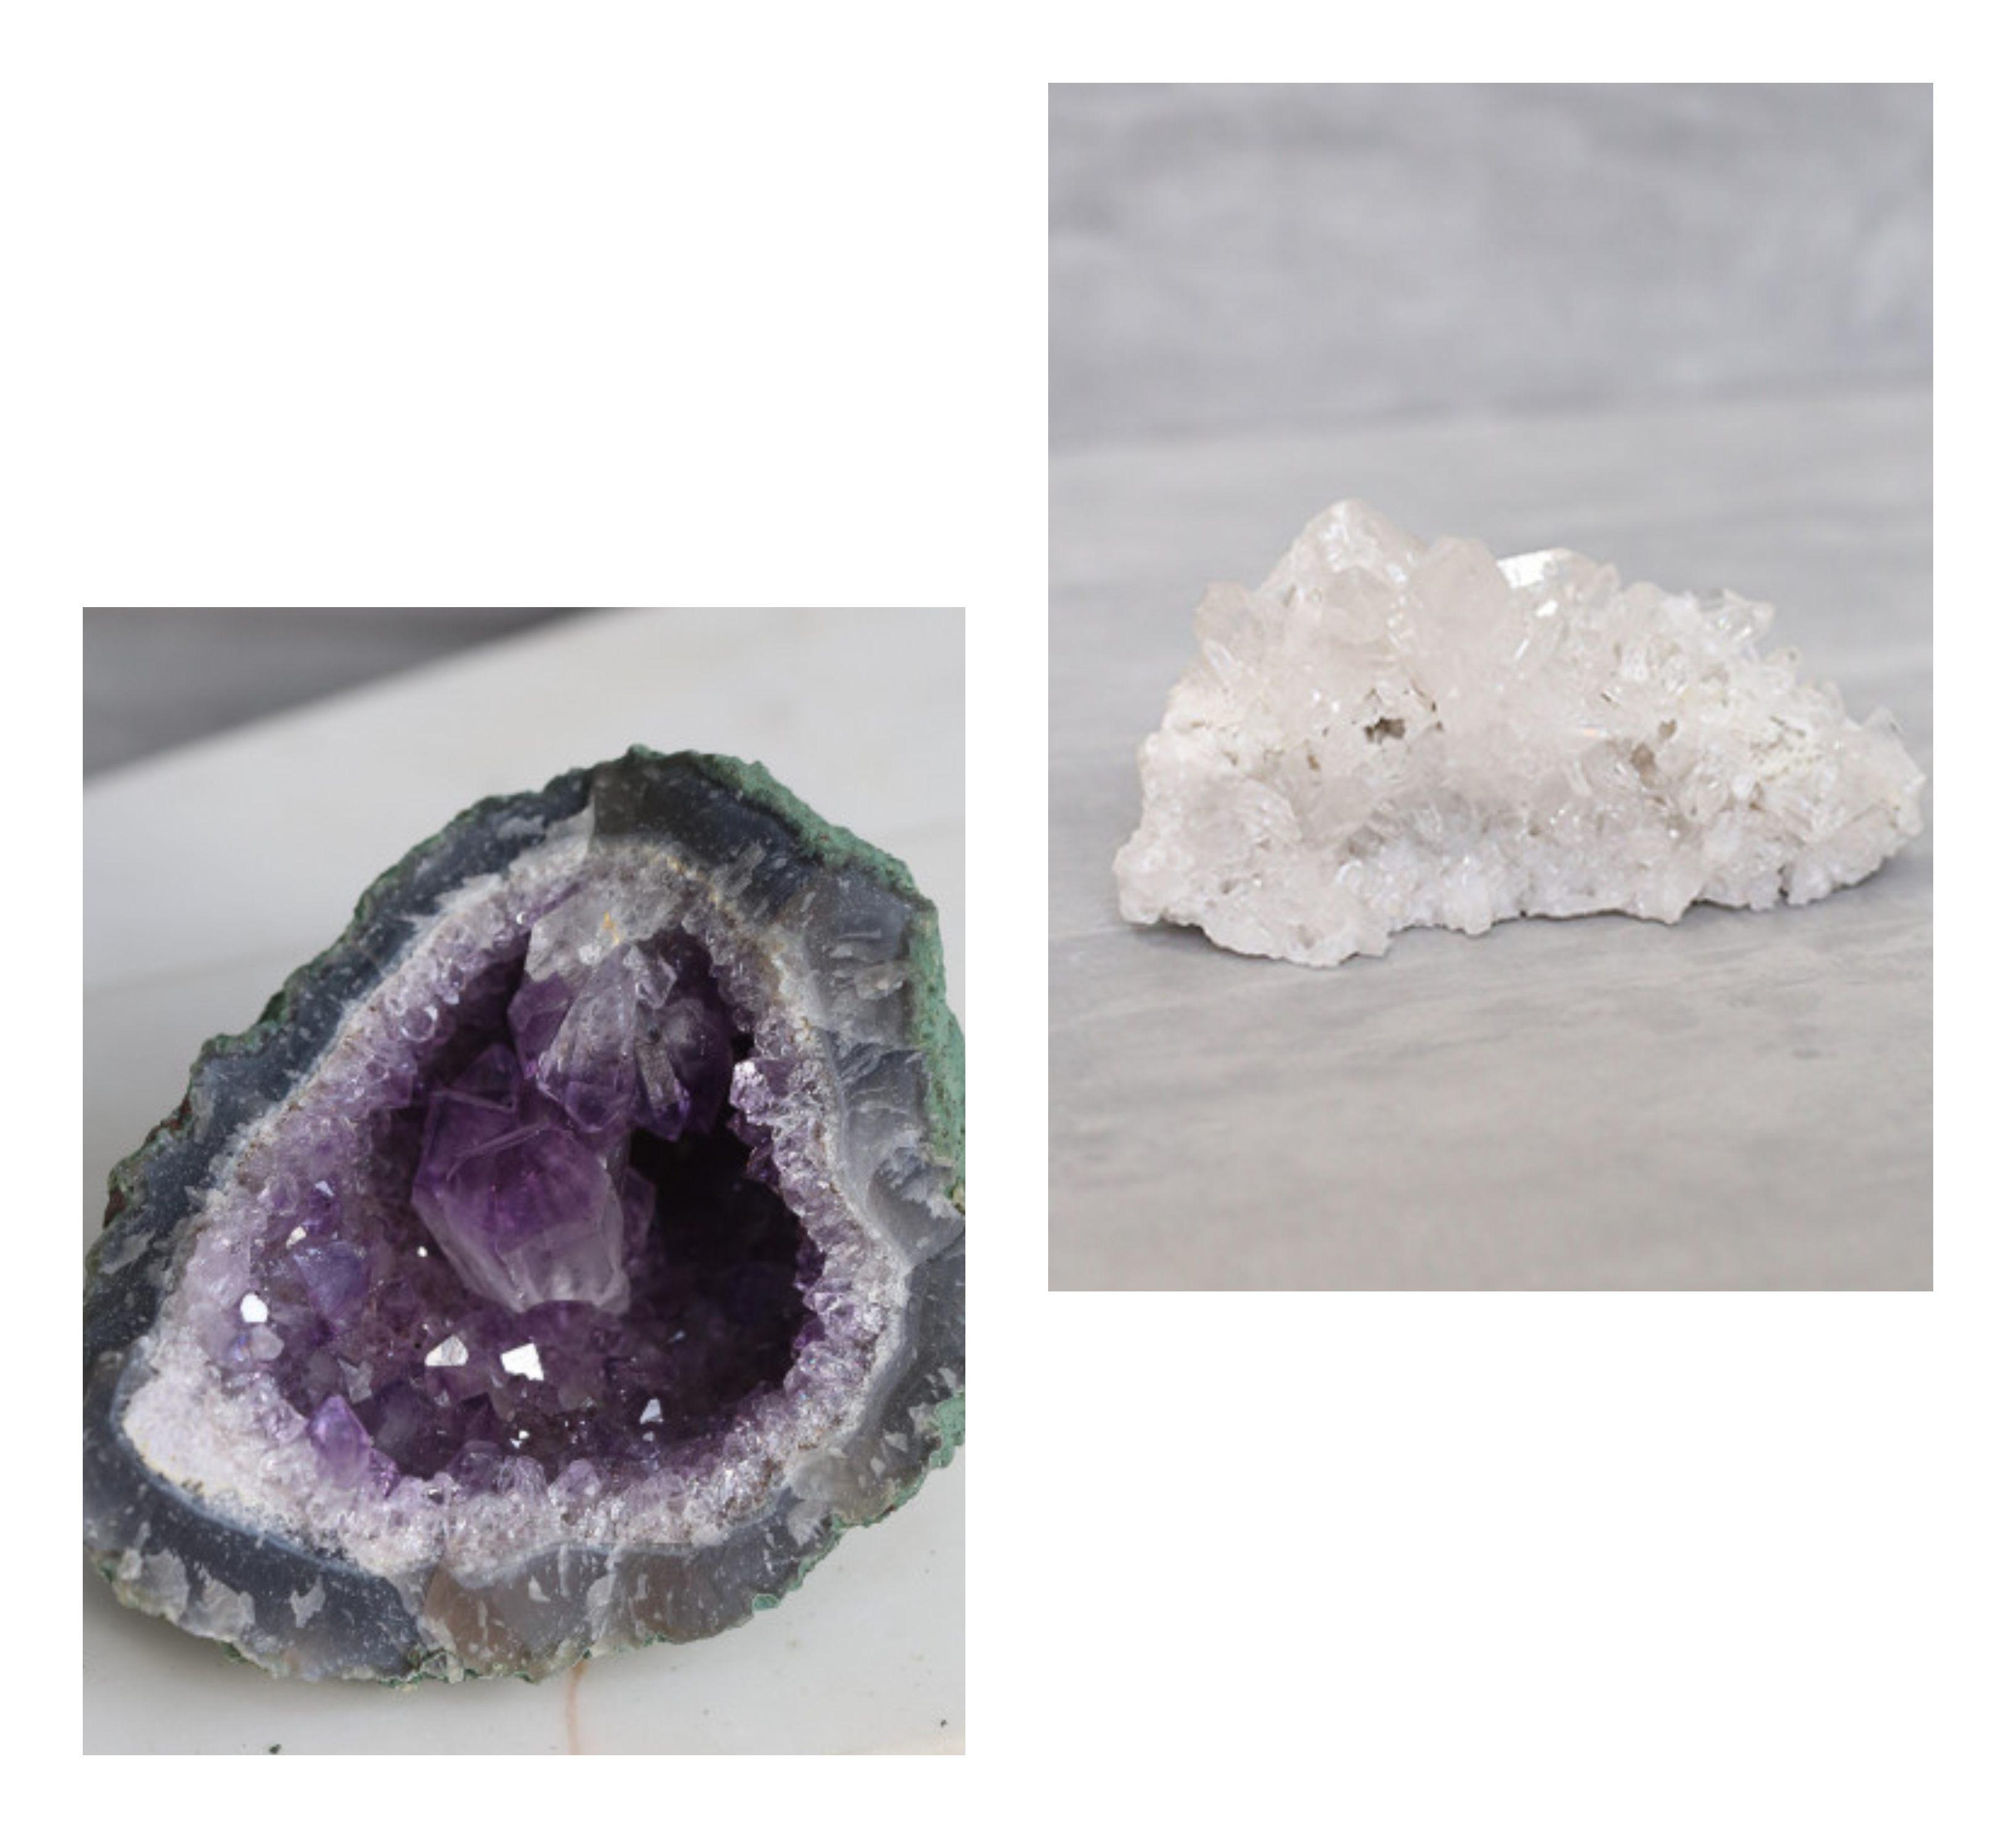 drusas como energizar sua pedra e cristal